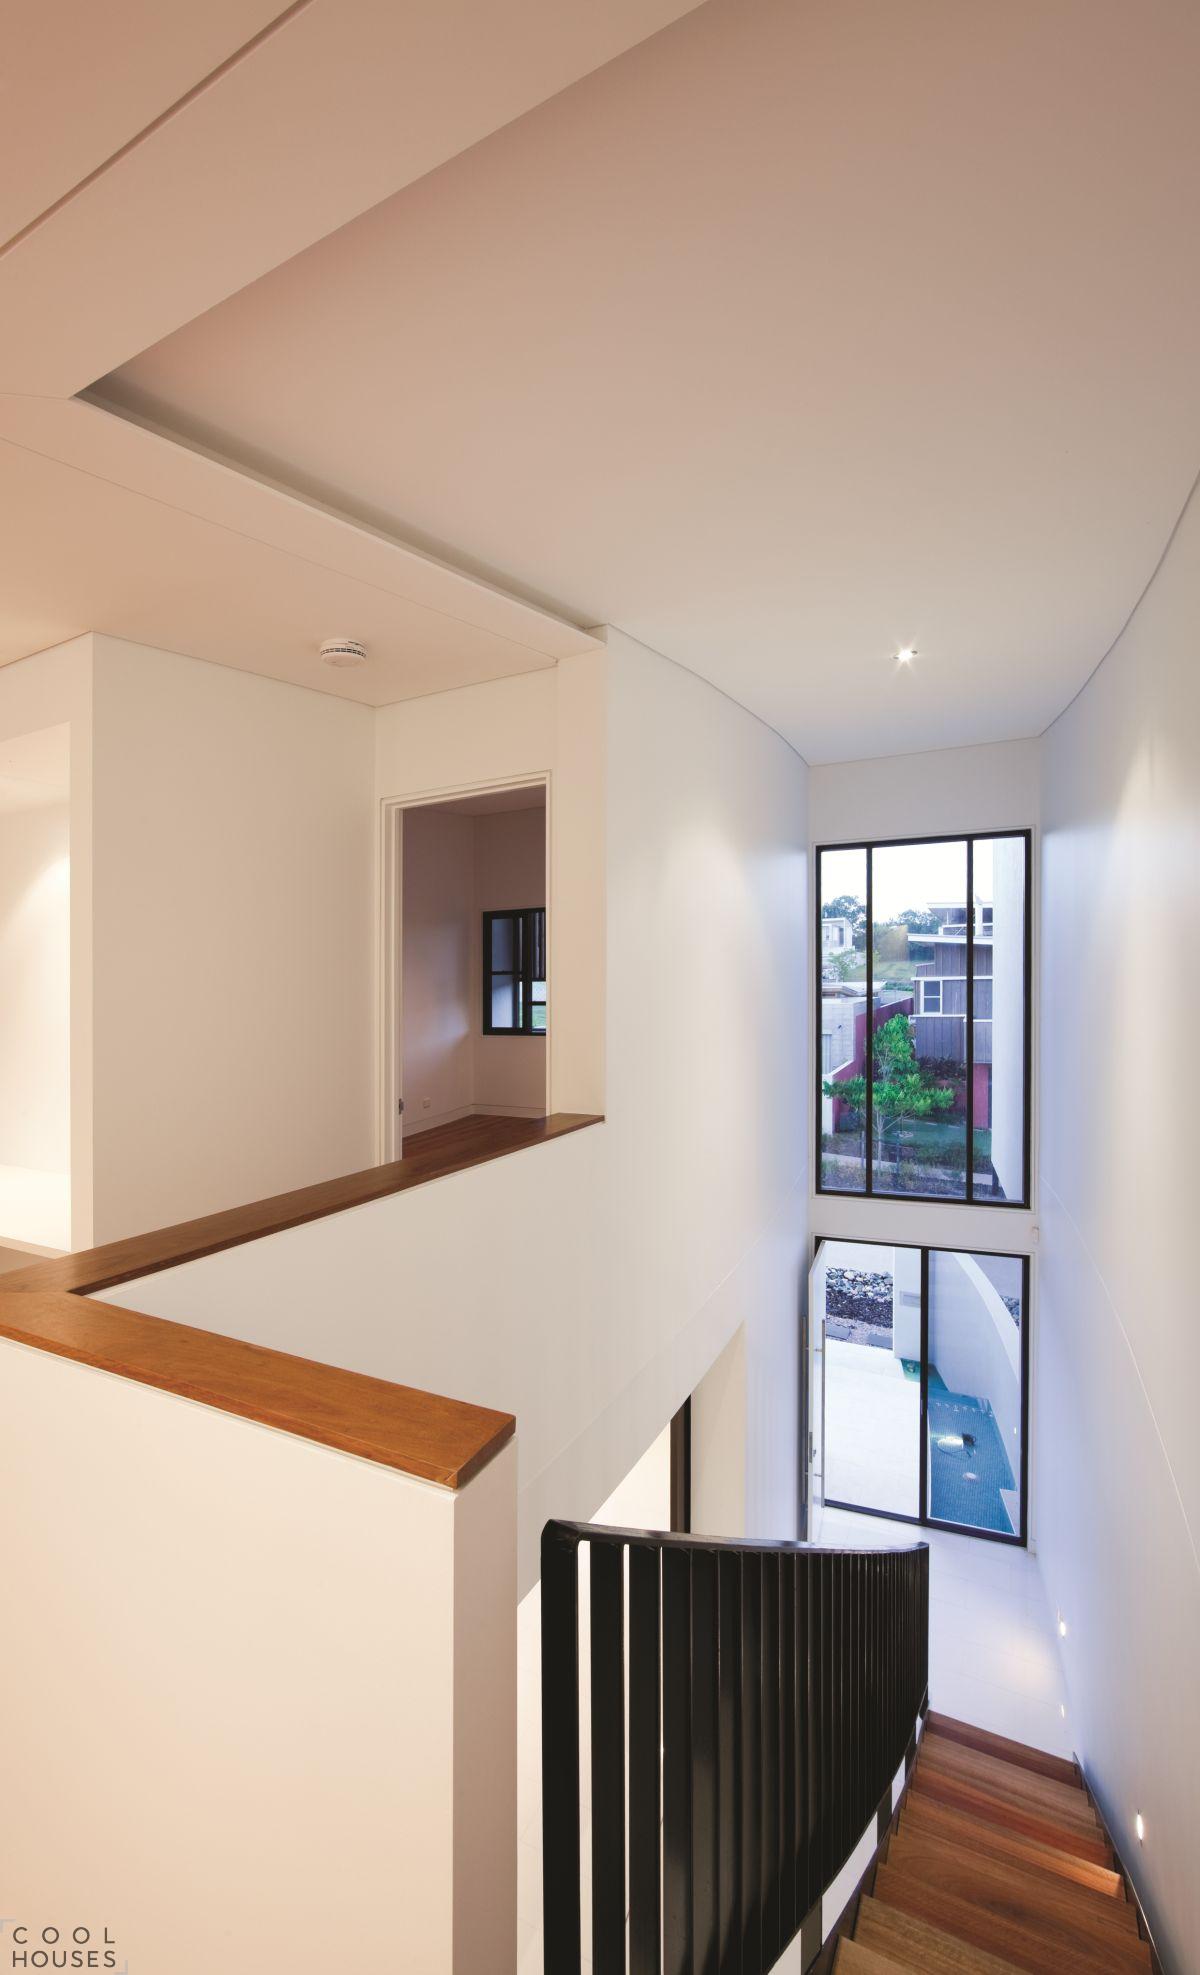 Загородной дом Elysium 154 в Австралии